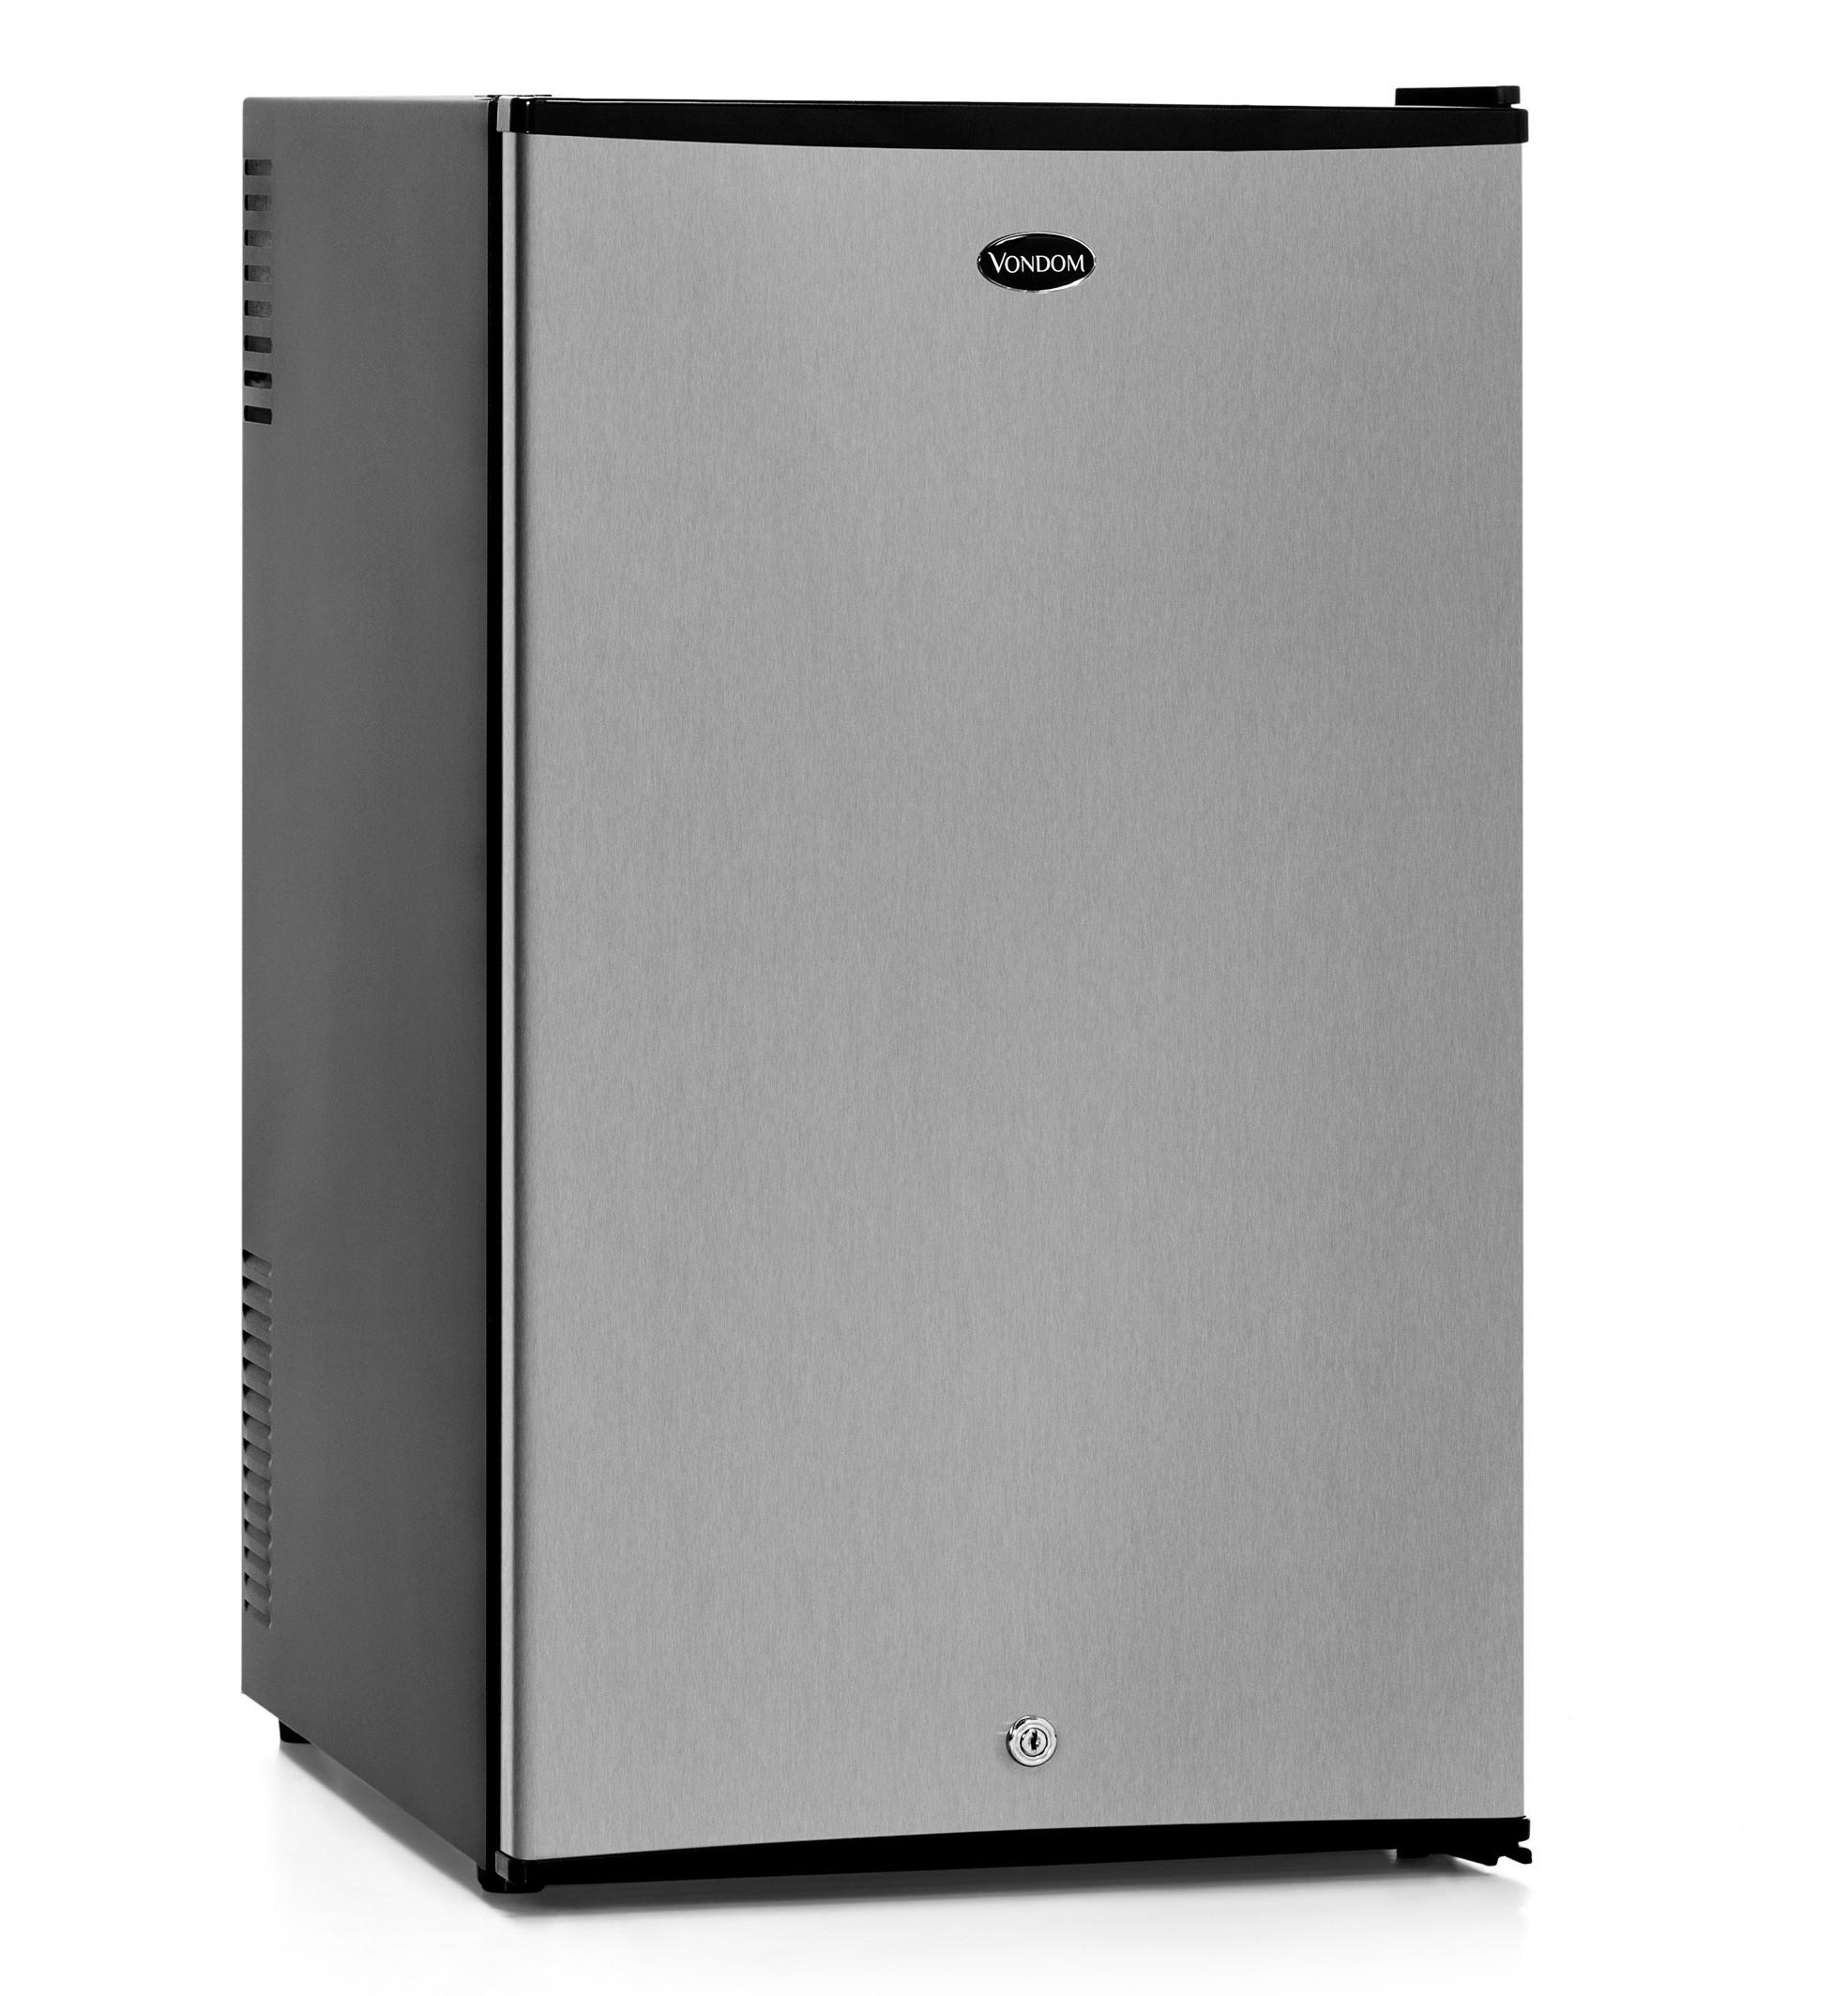 Refrigerador Vondom 70 litros Acero RFG120